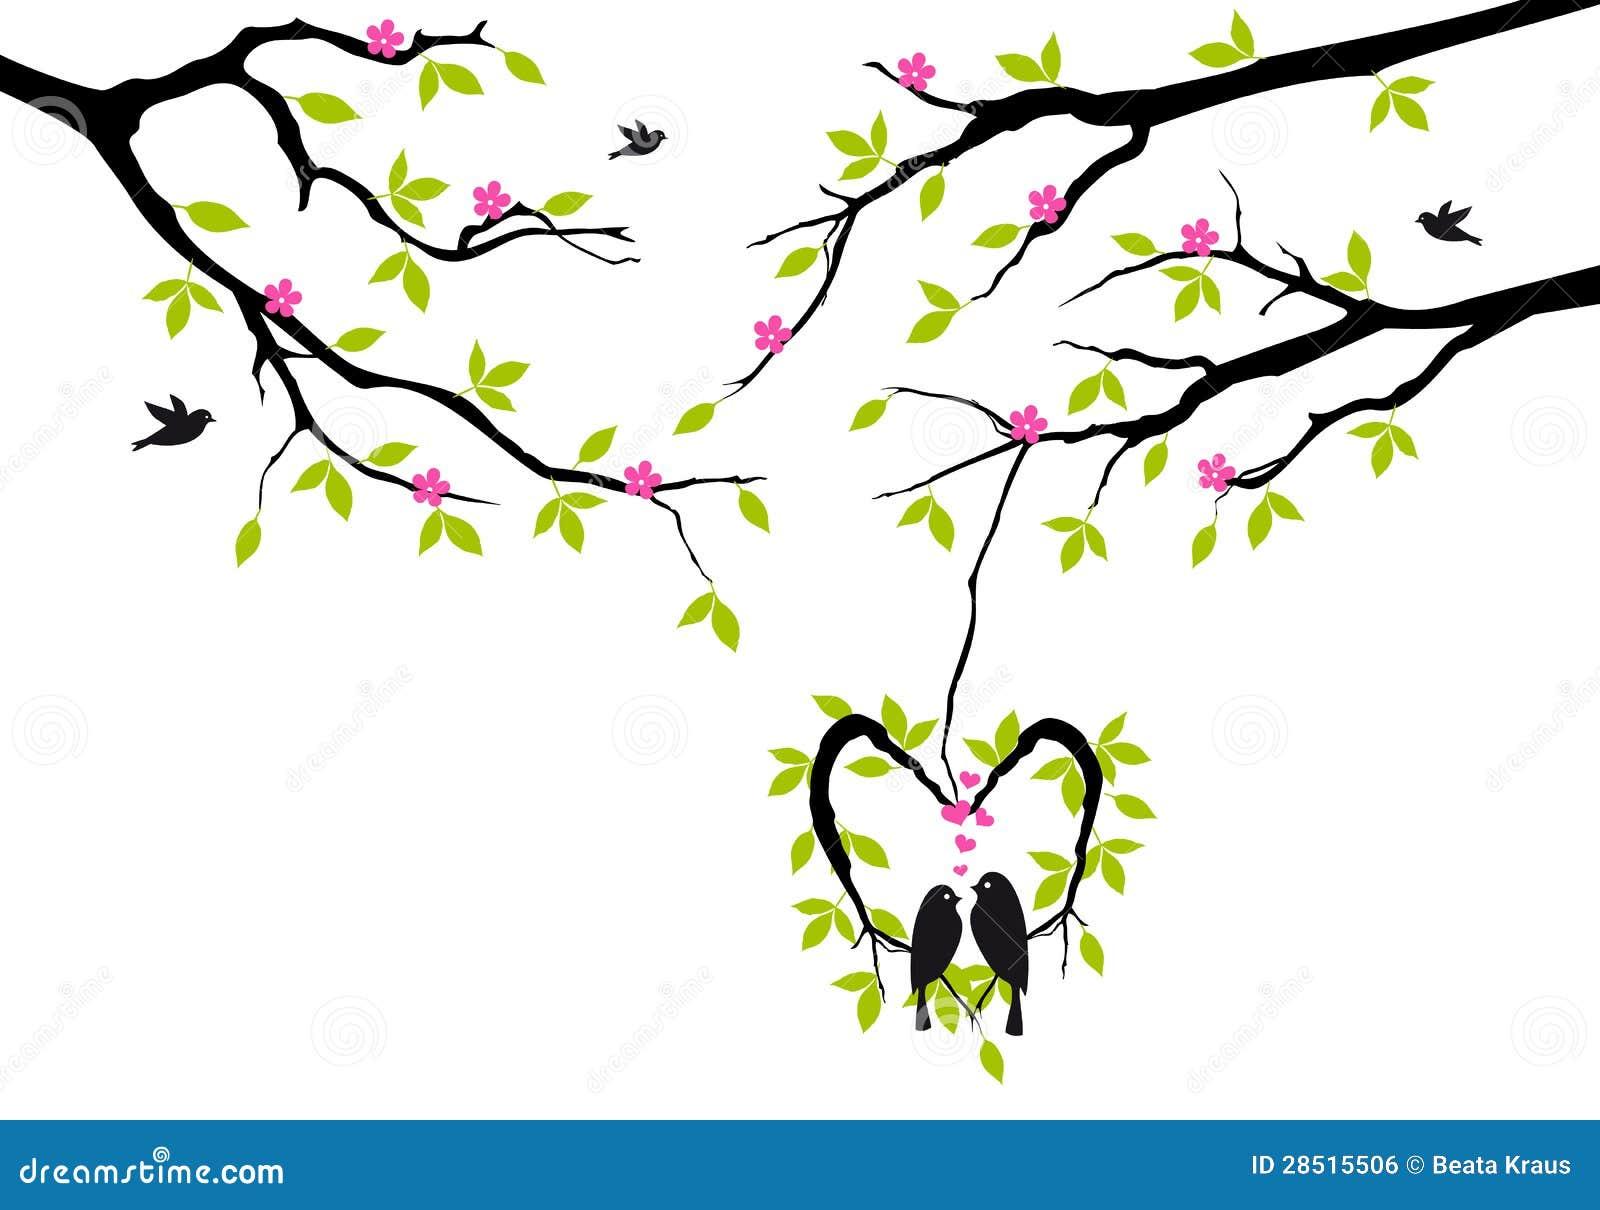 Birds on tree in heart nest,